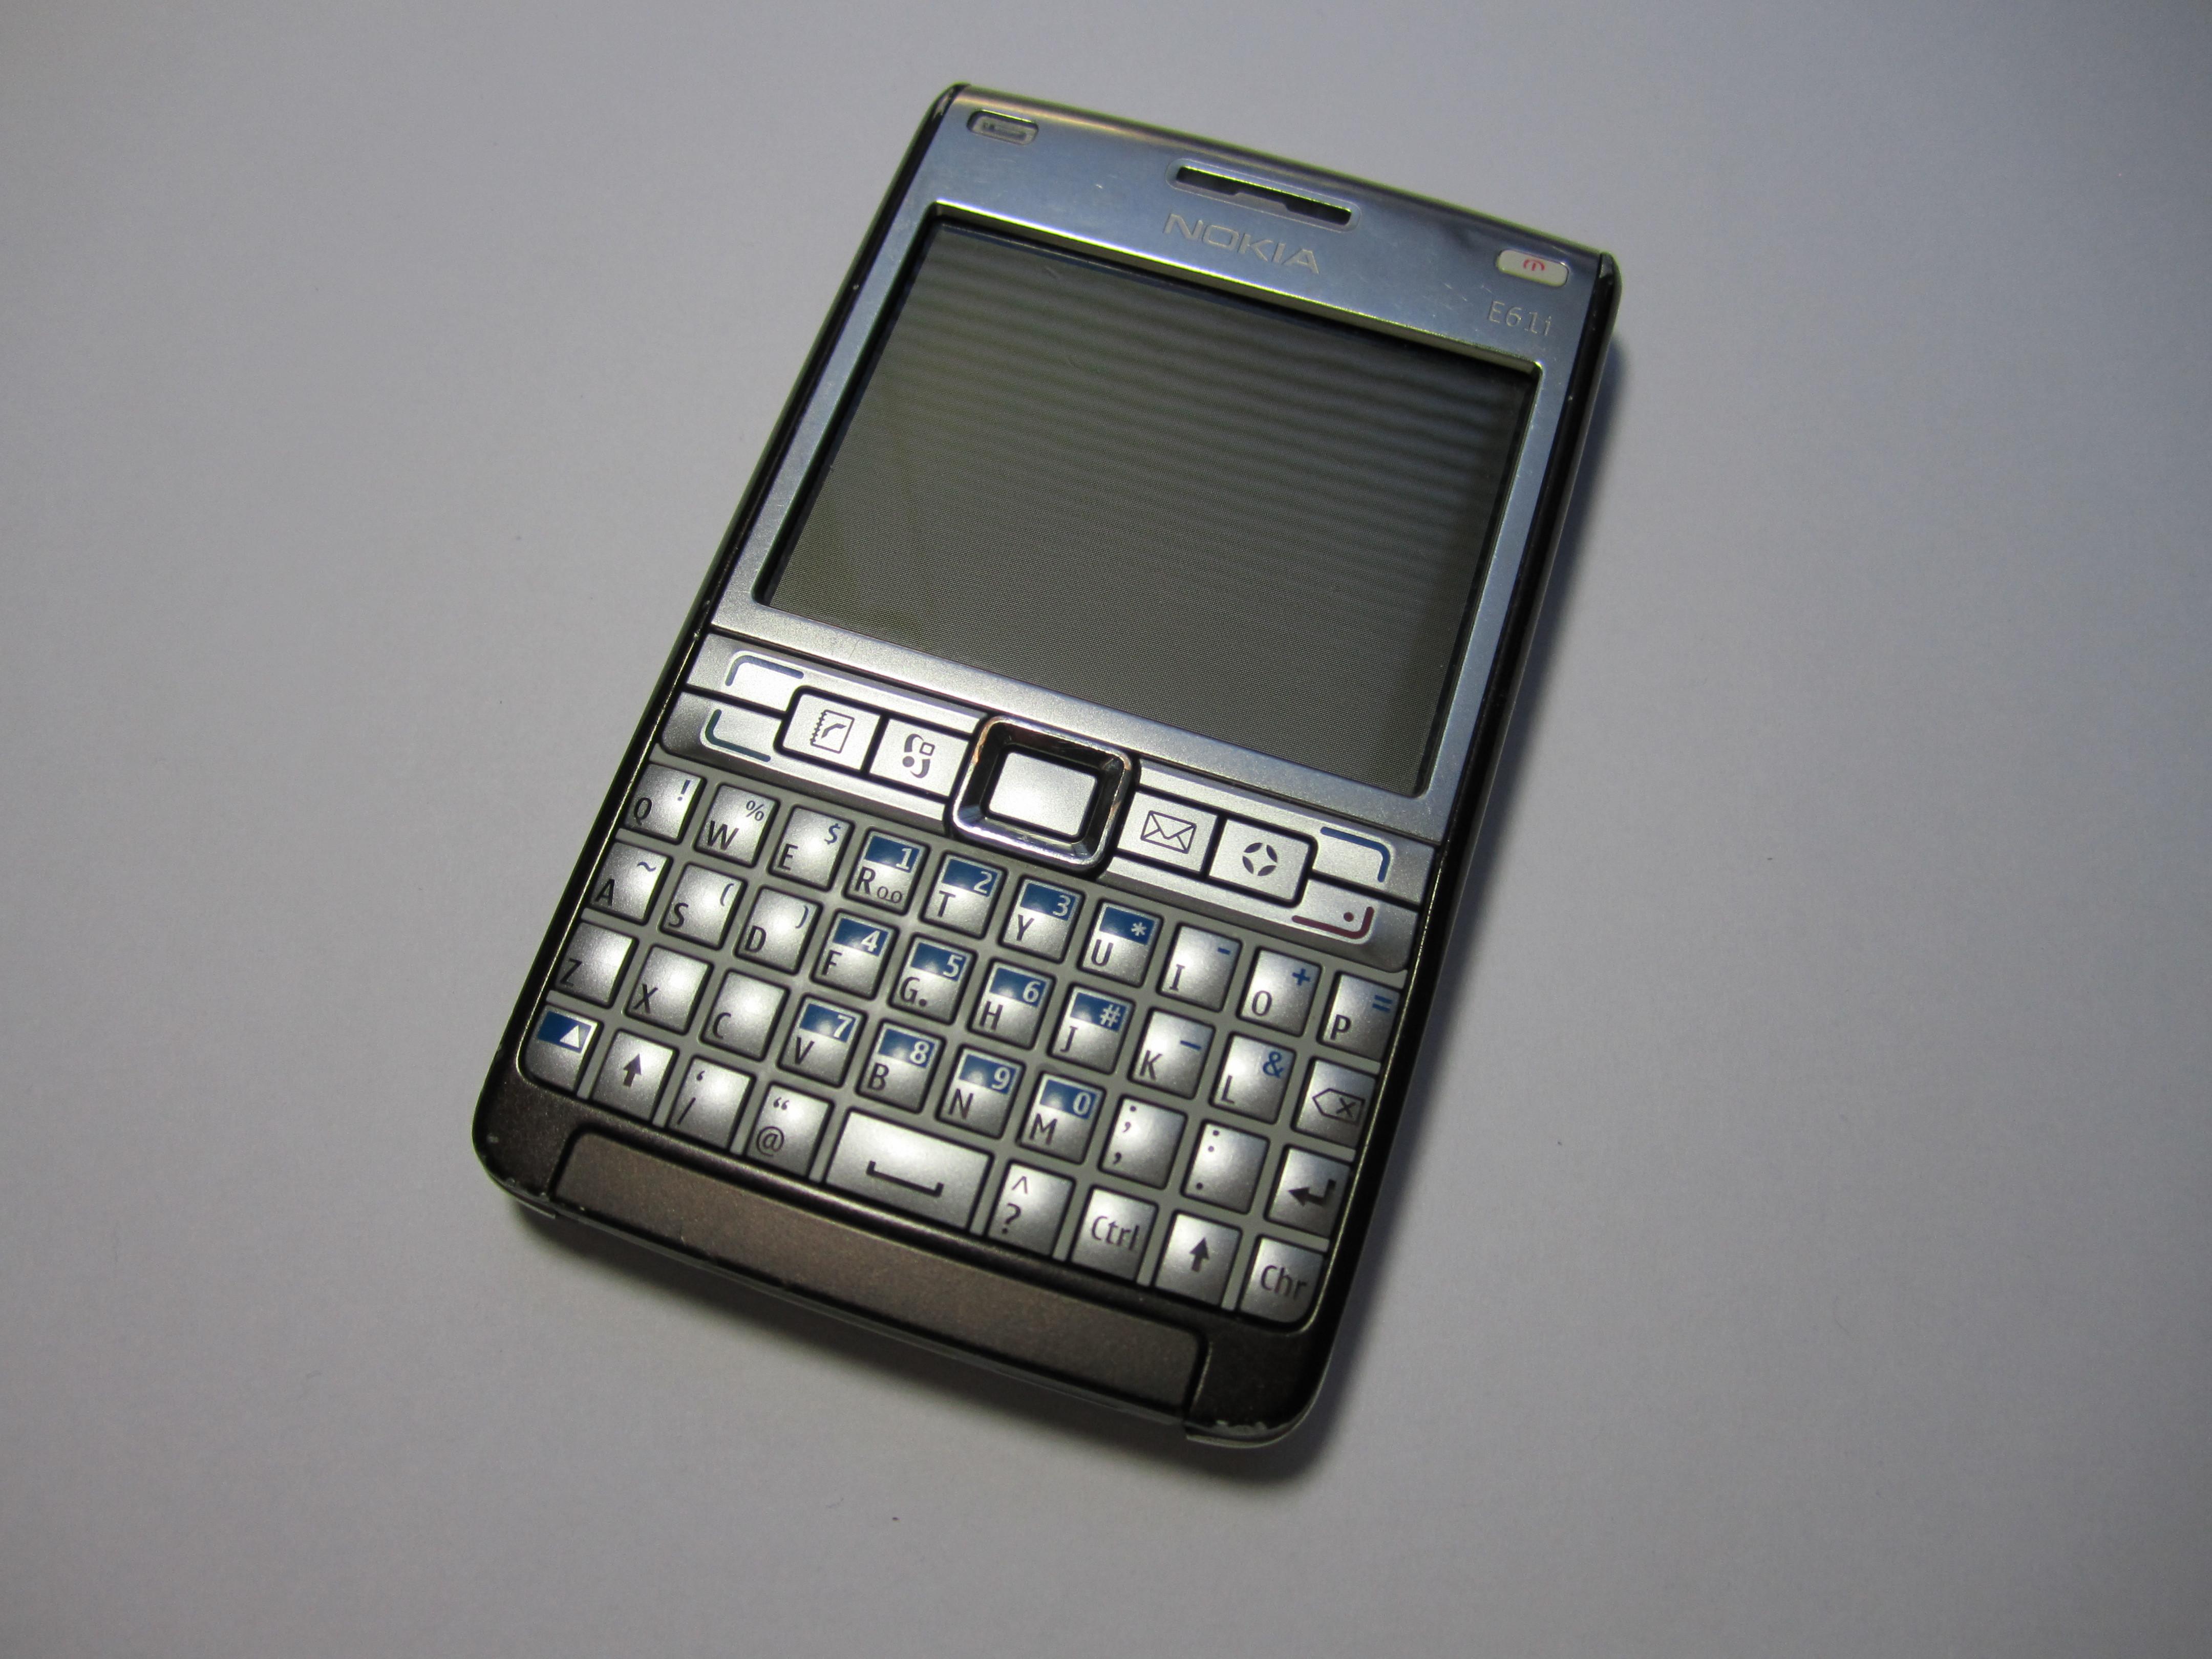 Nokia E61i Teardown Ifixit